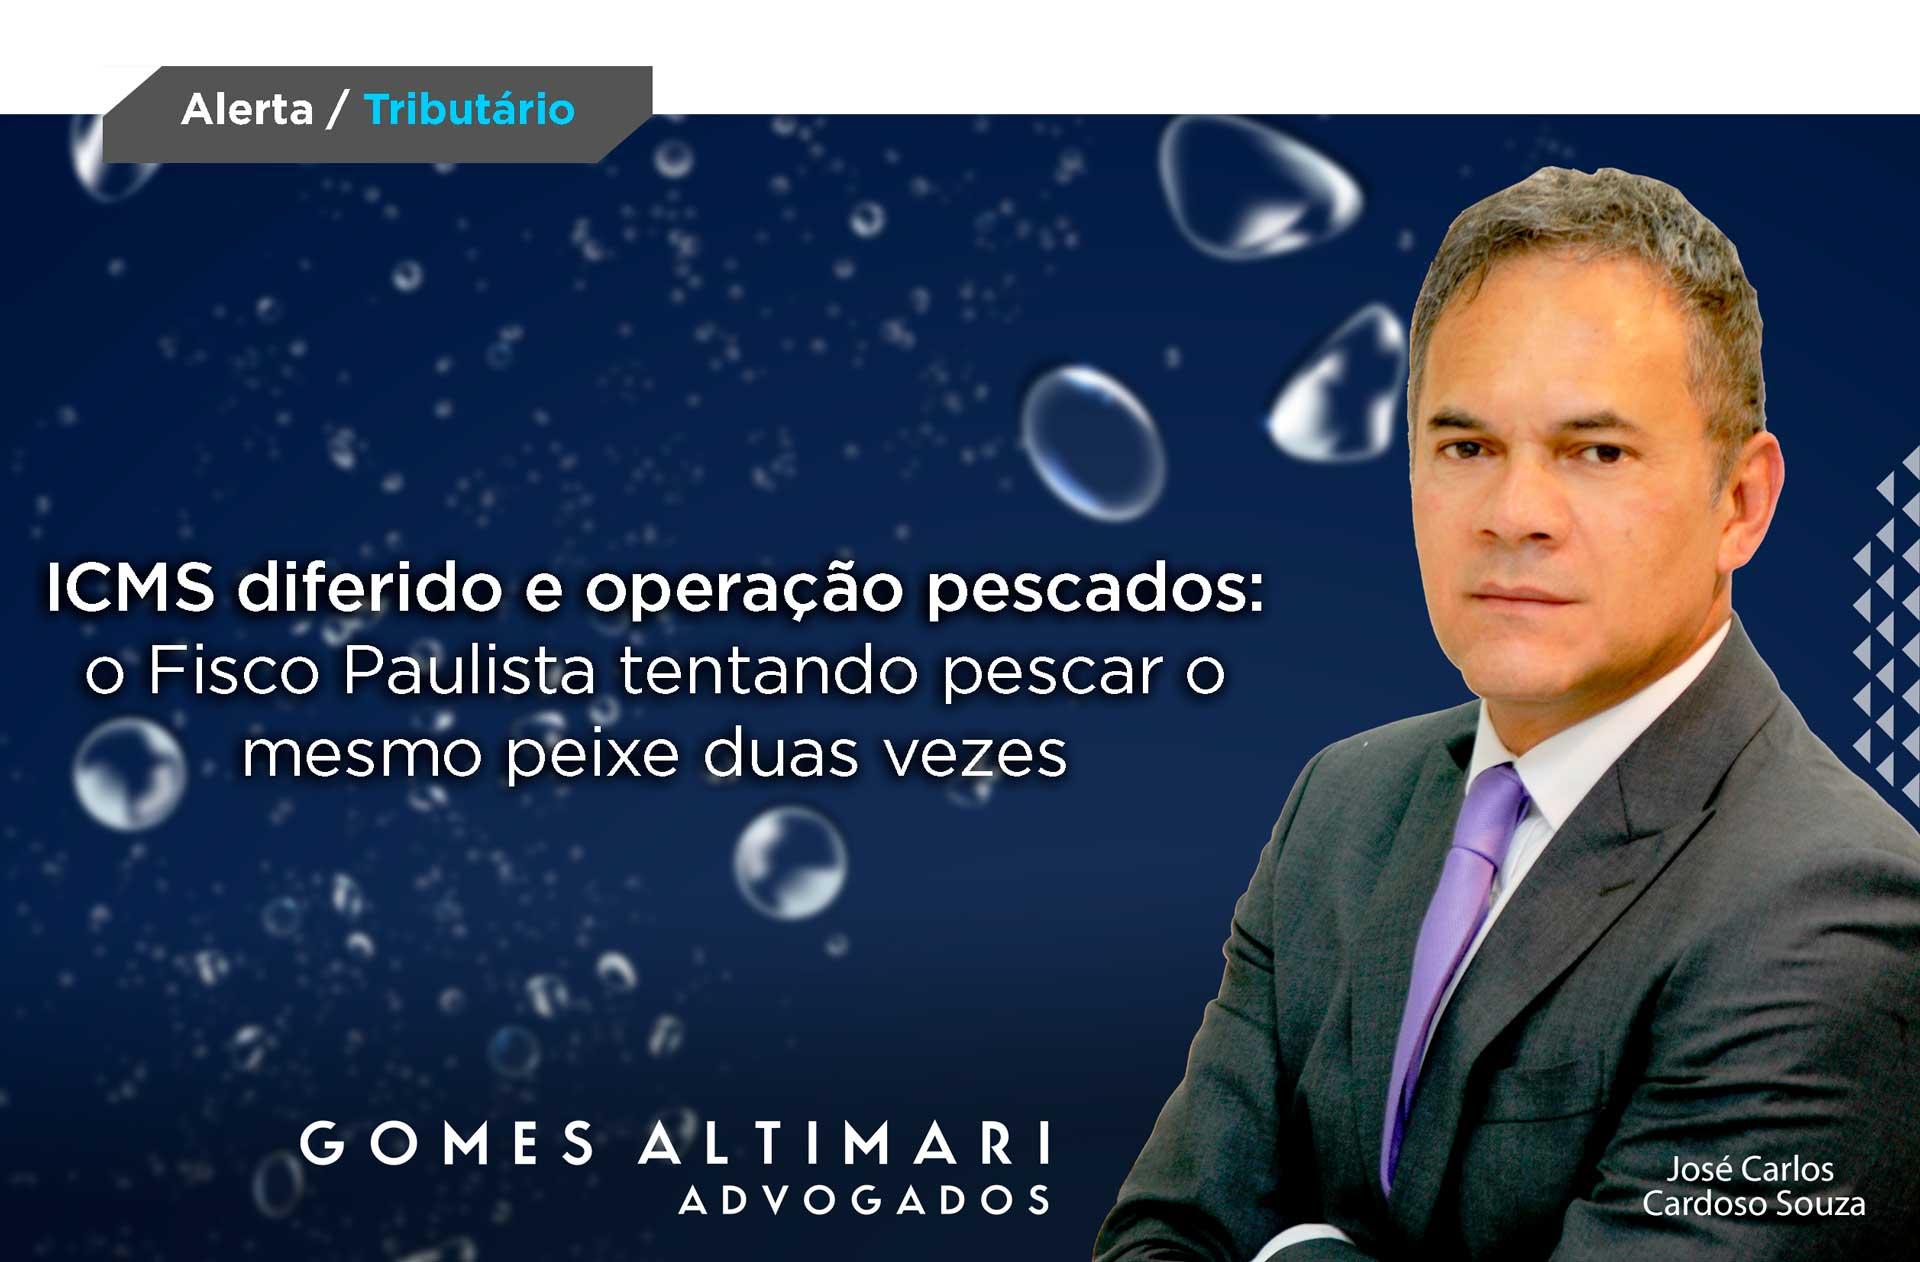 ICMS diferido e operação pescados: o Fisco Paulista tentando pescar o mesmo peixe duas vezes